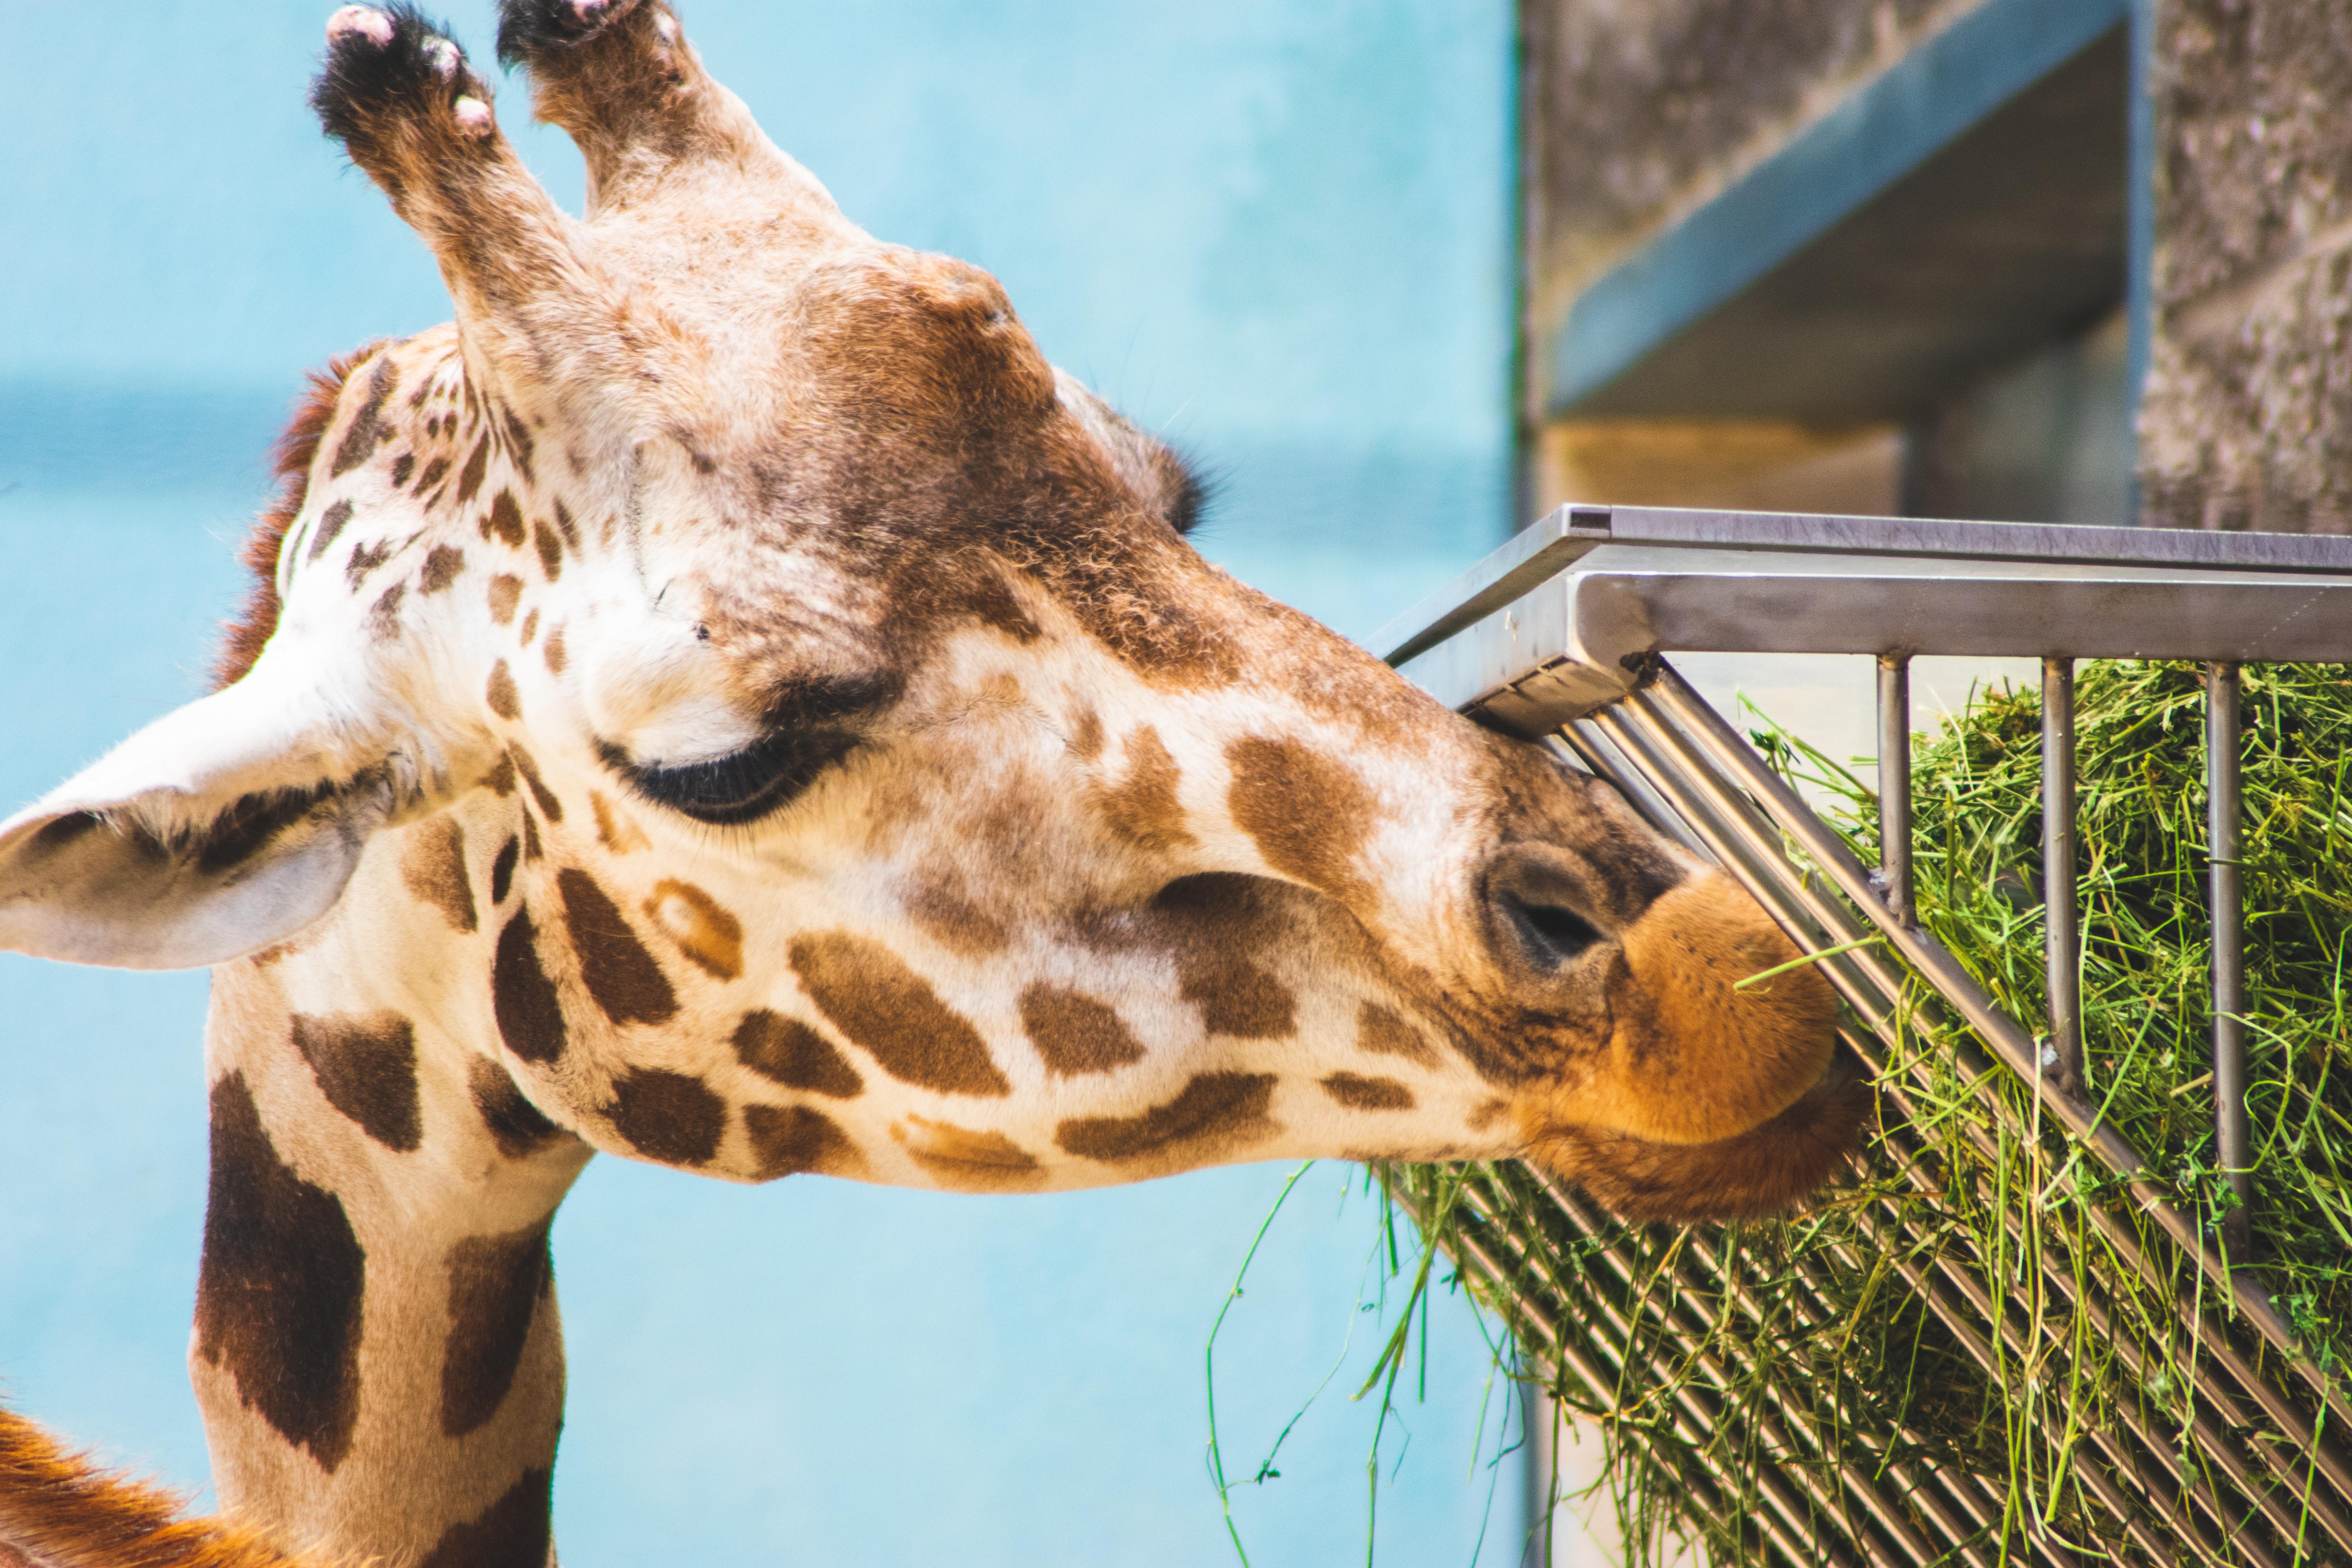 Giraffe Eatting Grasses